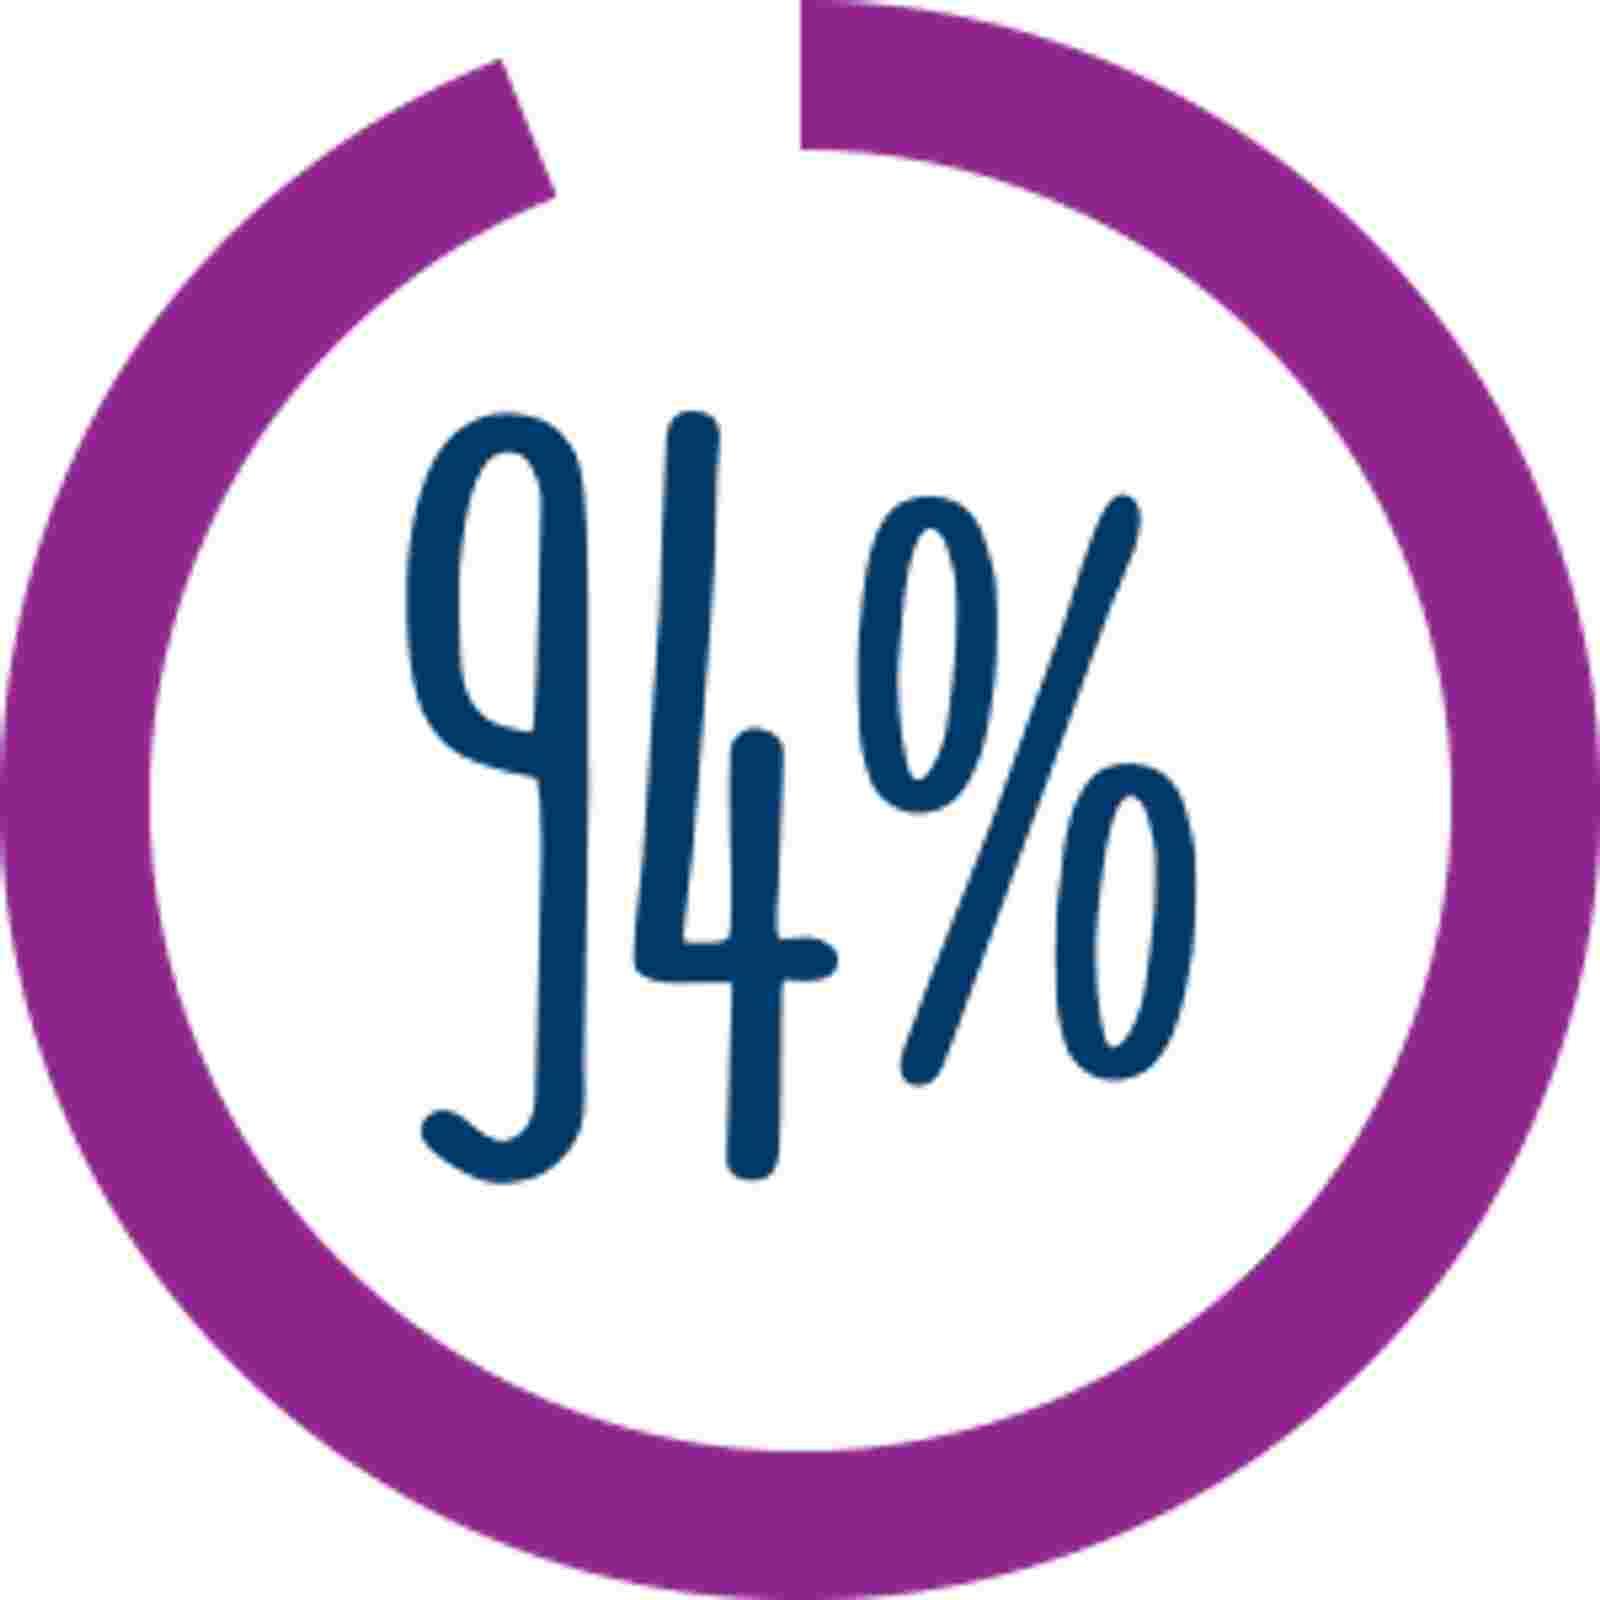 87 percent